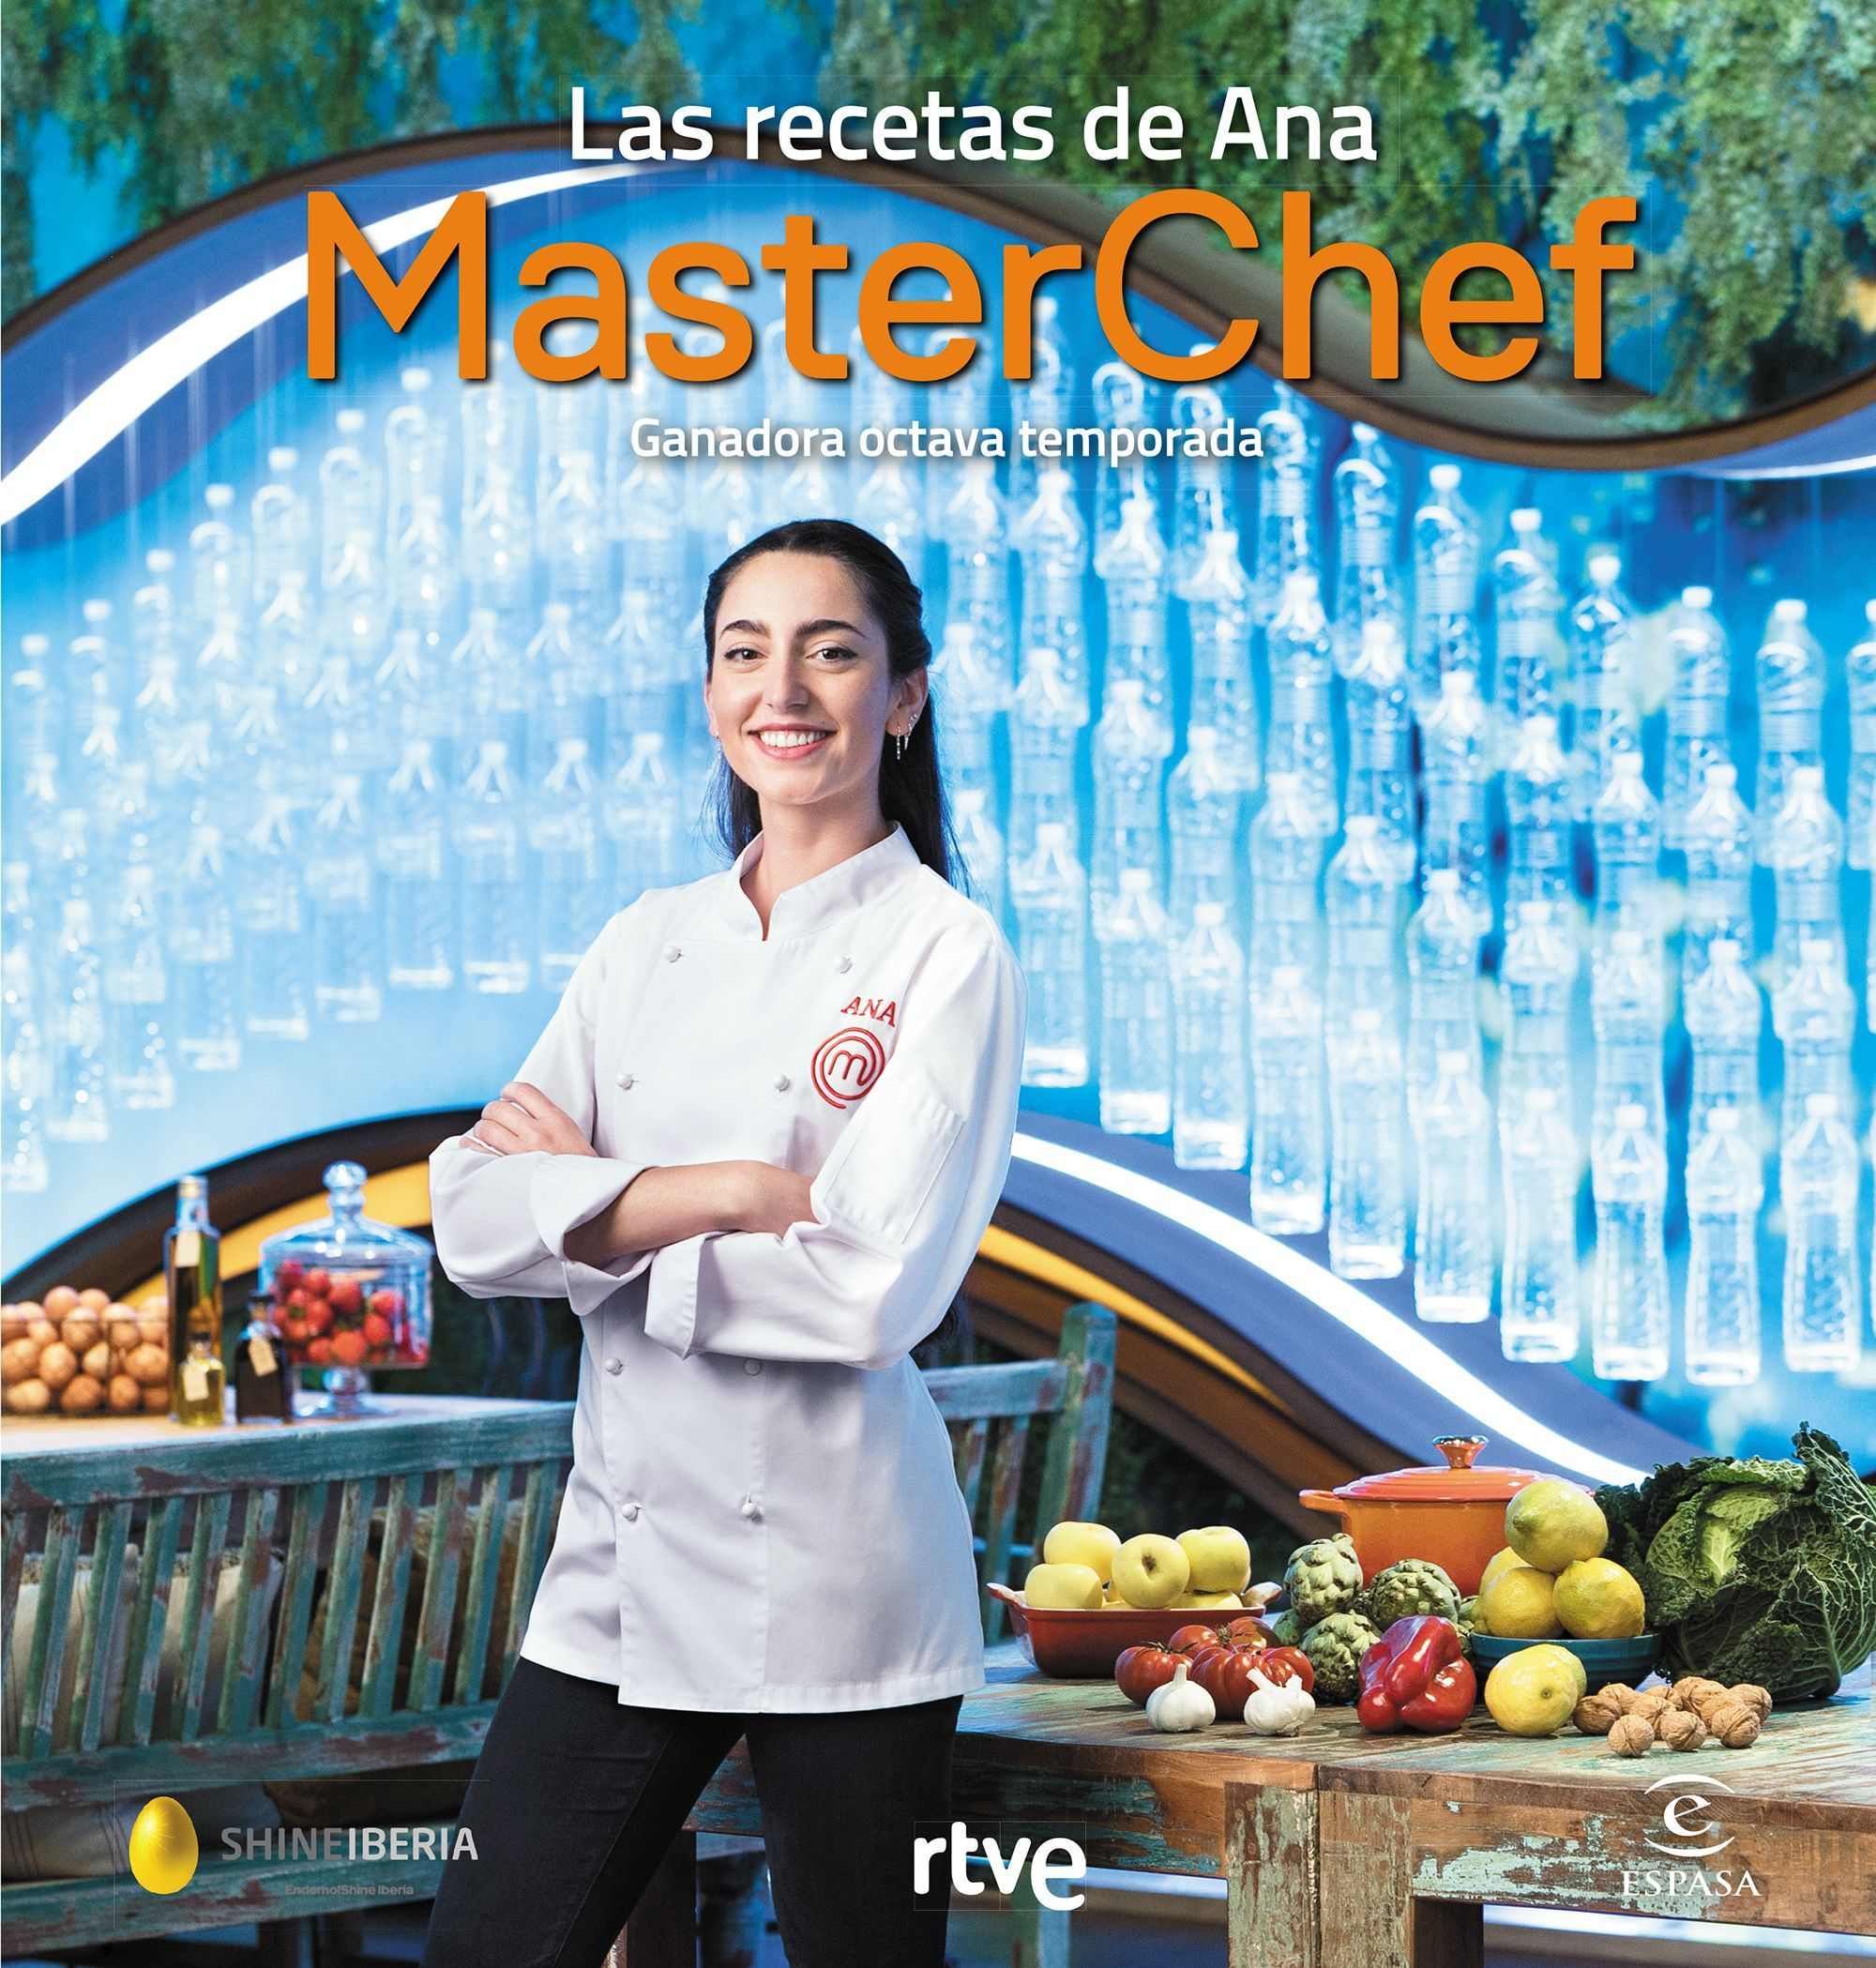 RECETAS DE ANA LAS MASTERCHEF